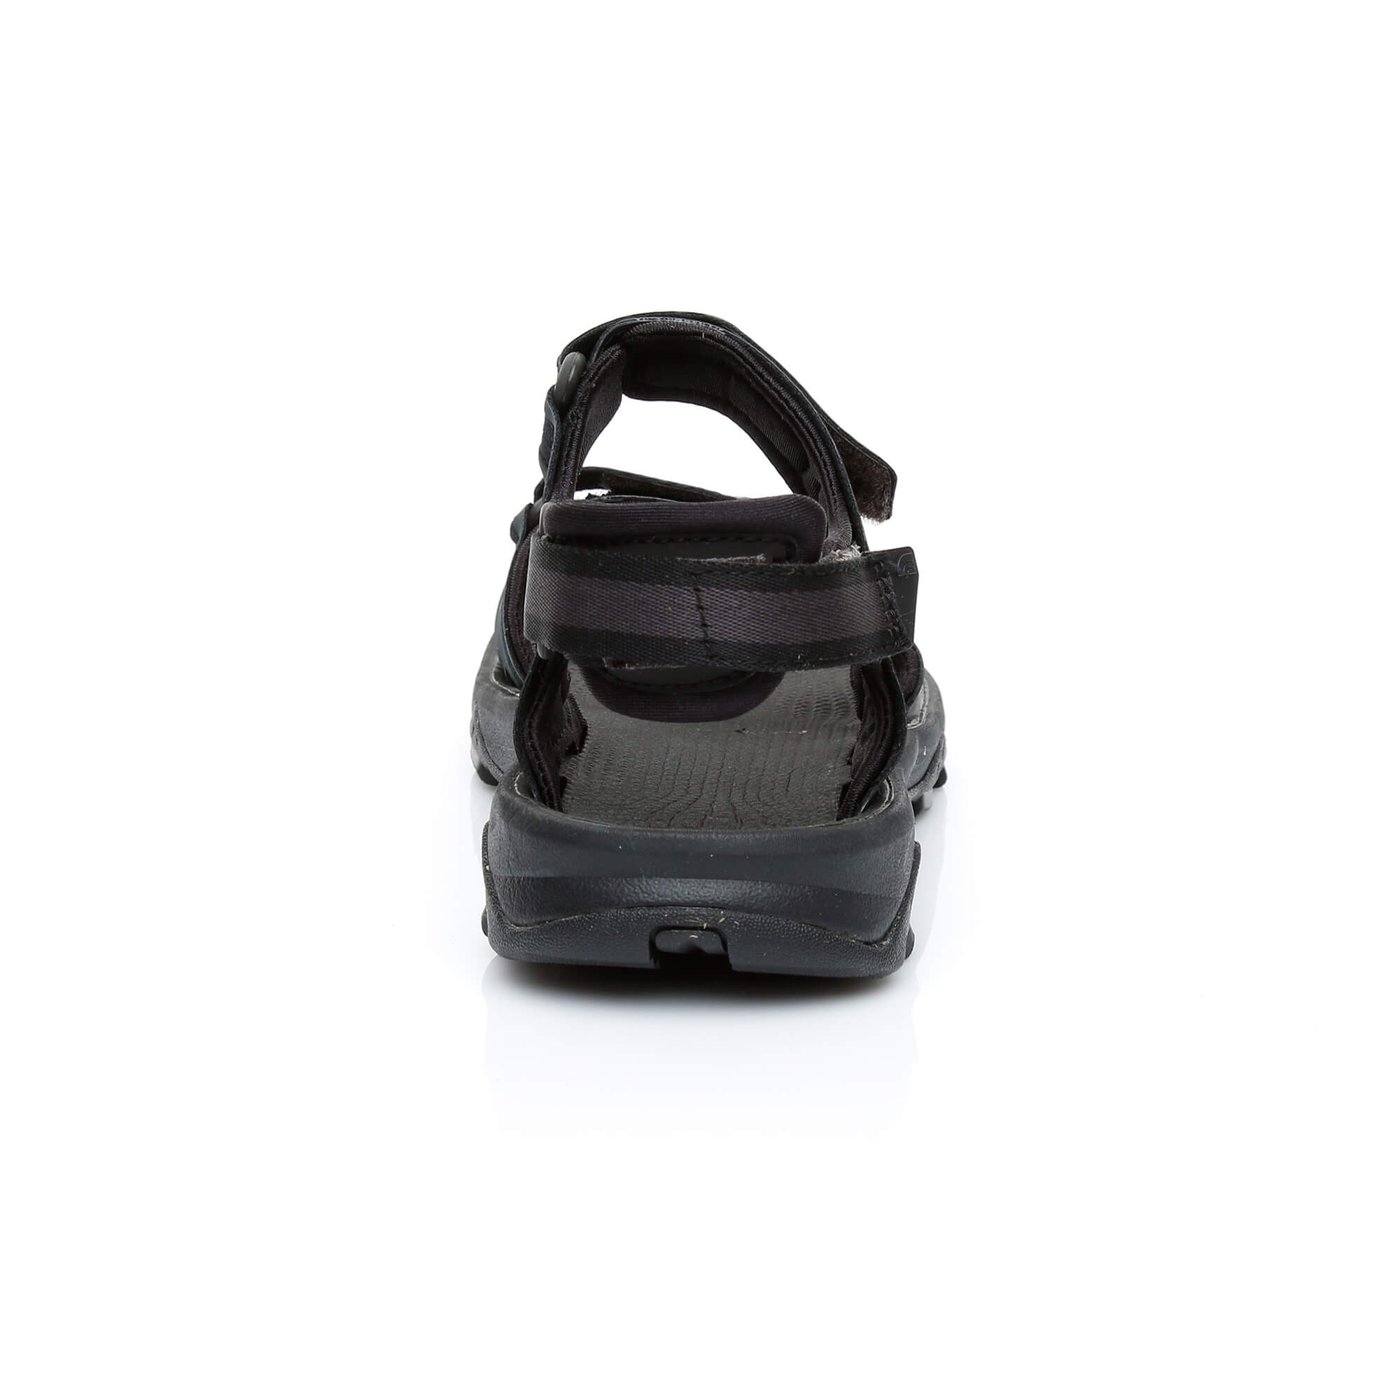 Tnf Hedgehog Kadın Siyah Sandalet